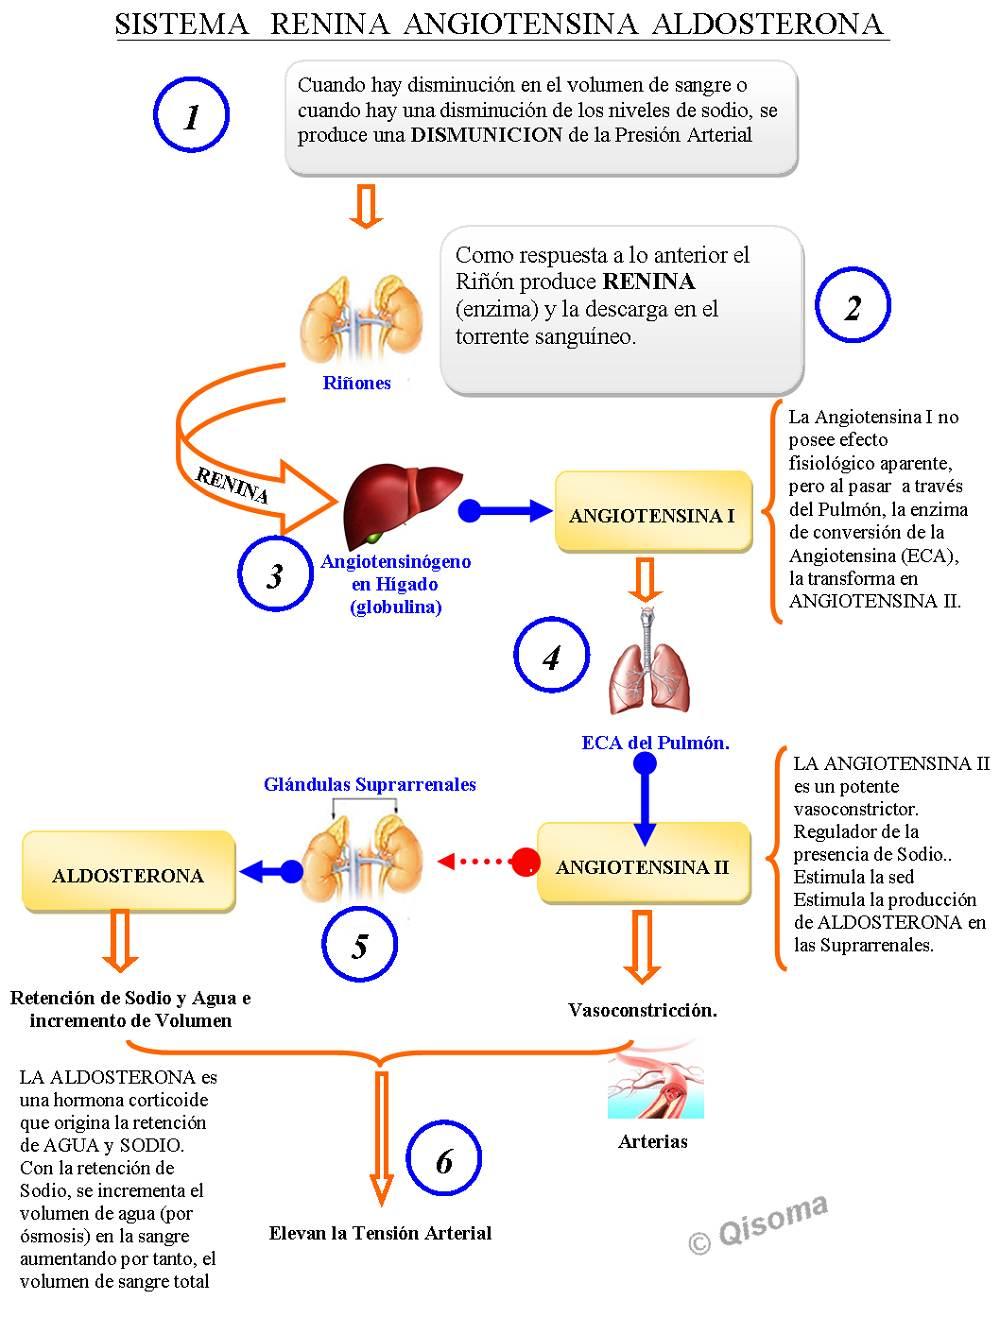 testosterona efectos secundarios esteroides